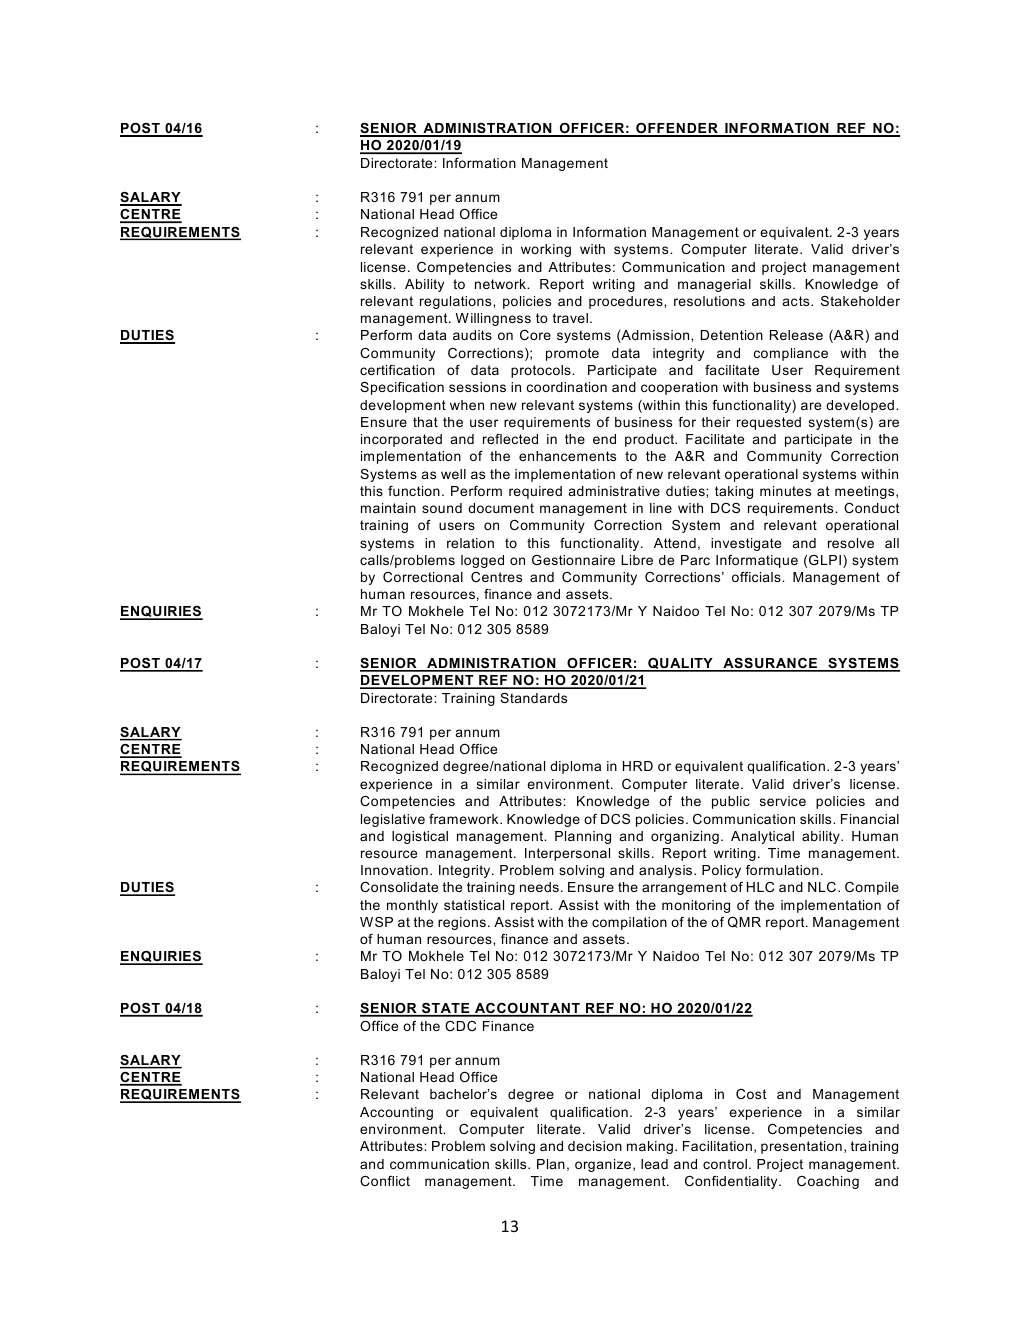 Correctional Services Circular 4 Of 2020 - DPSA Circular